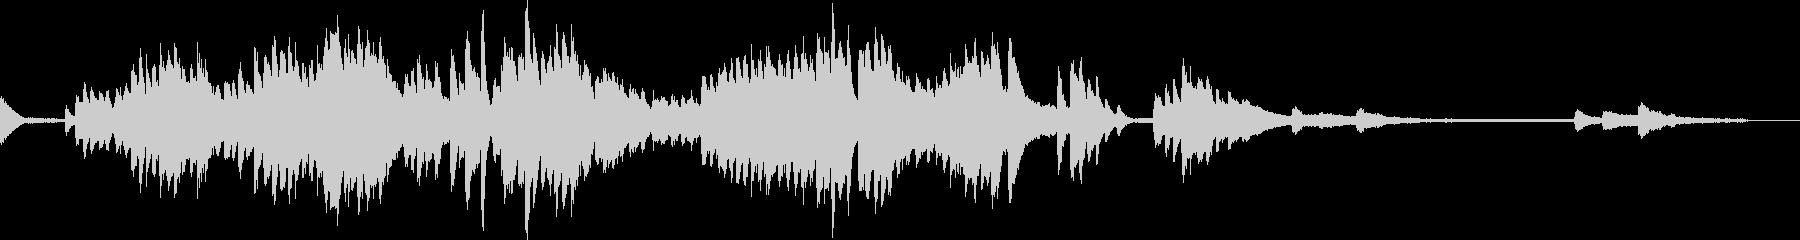 ショパンのプレリュードOp28のNo11の未再生の波形